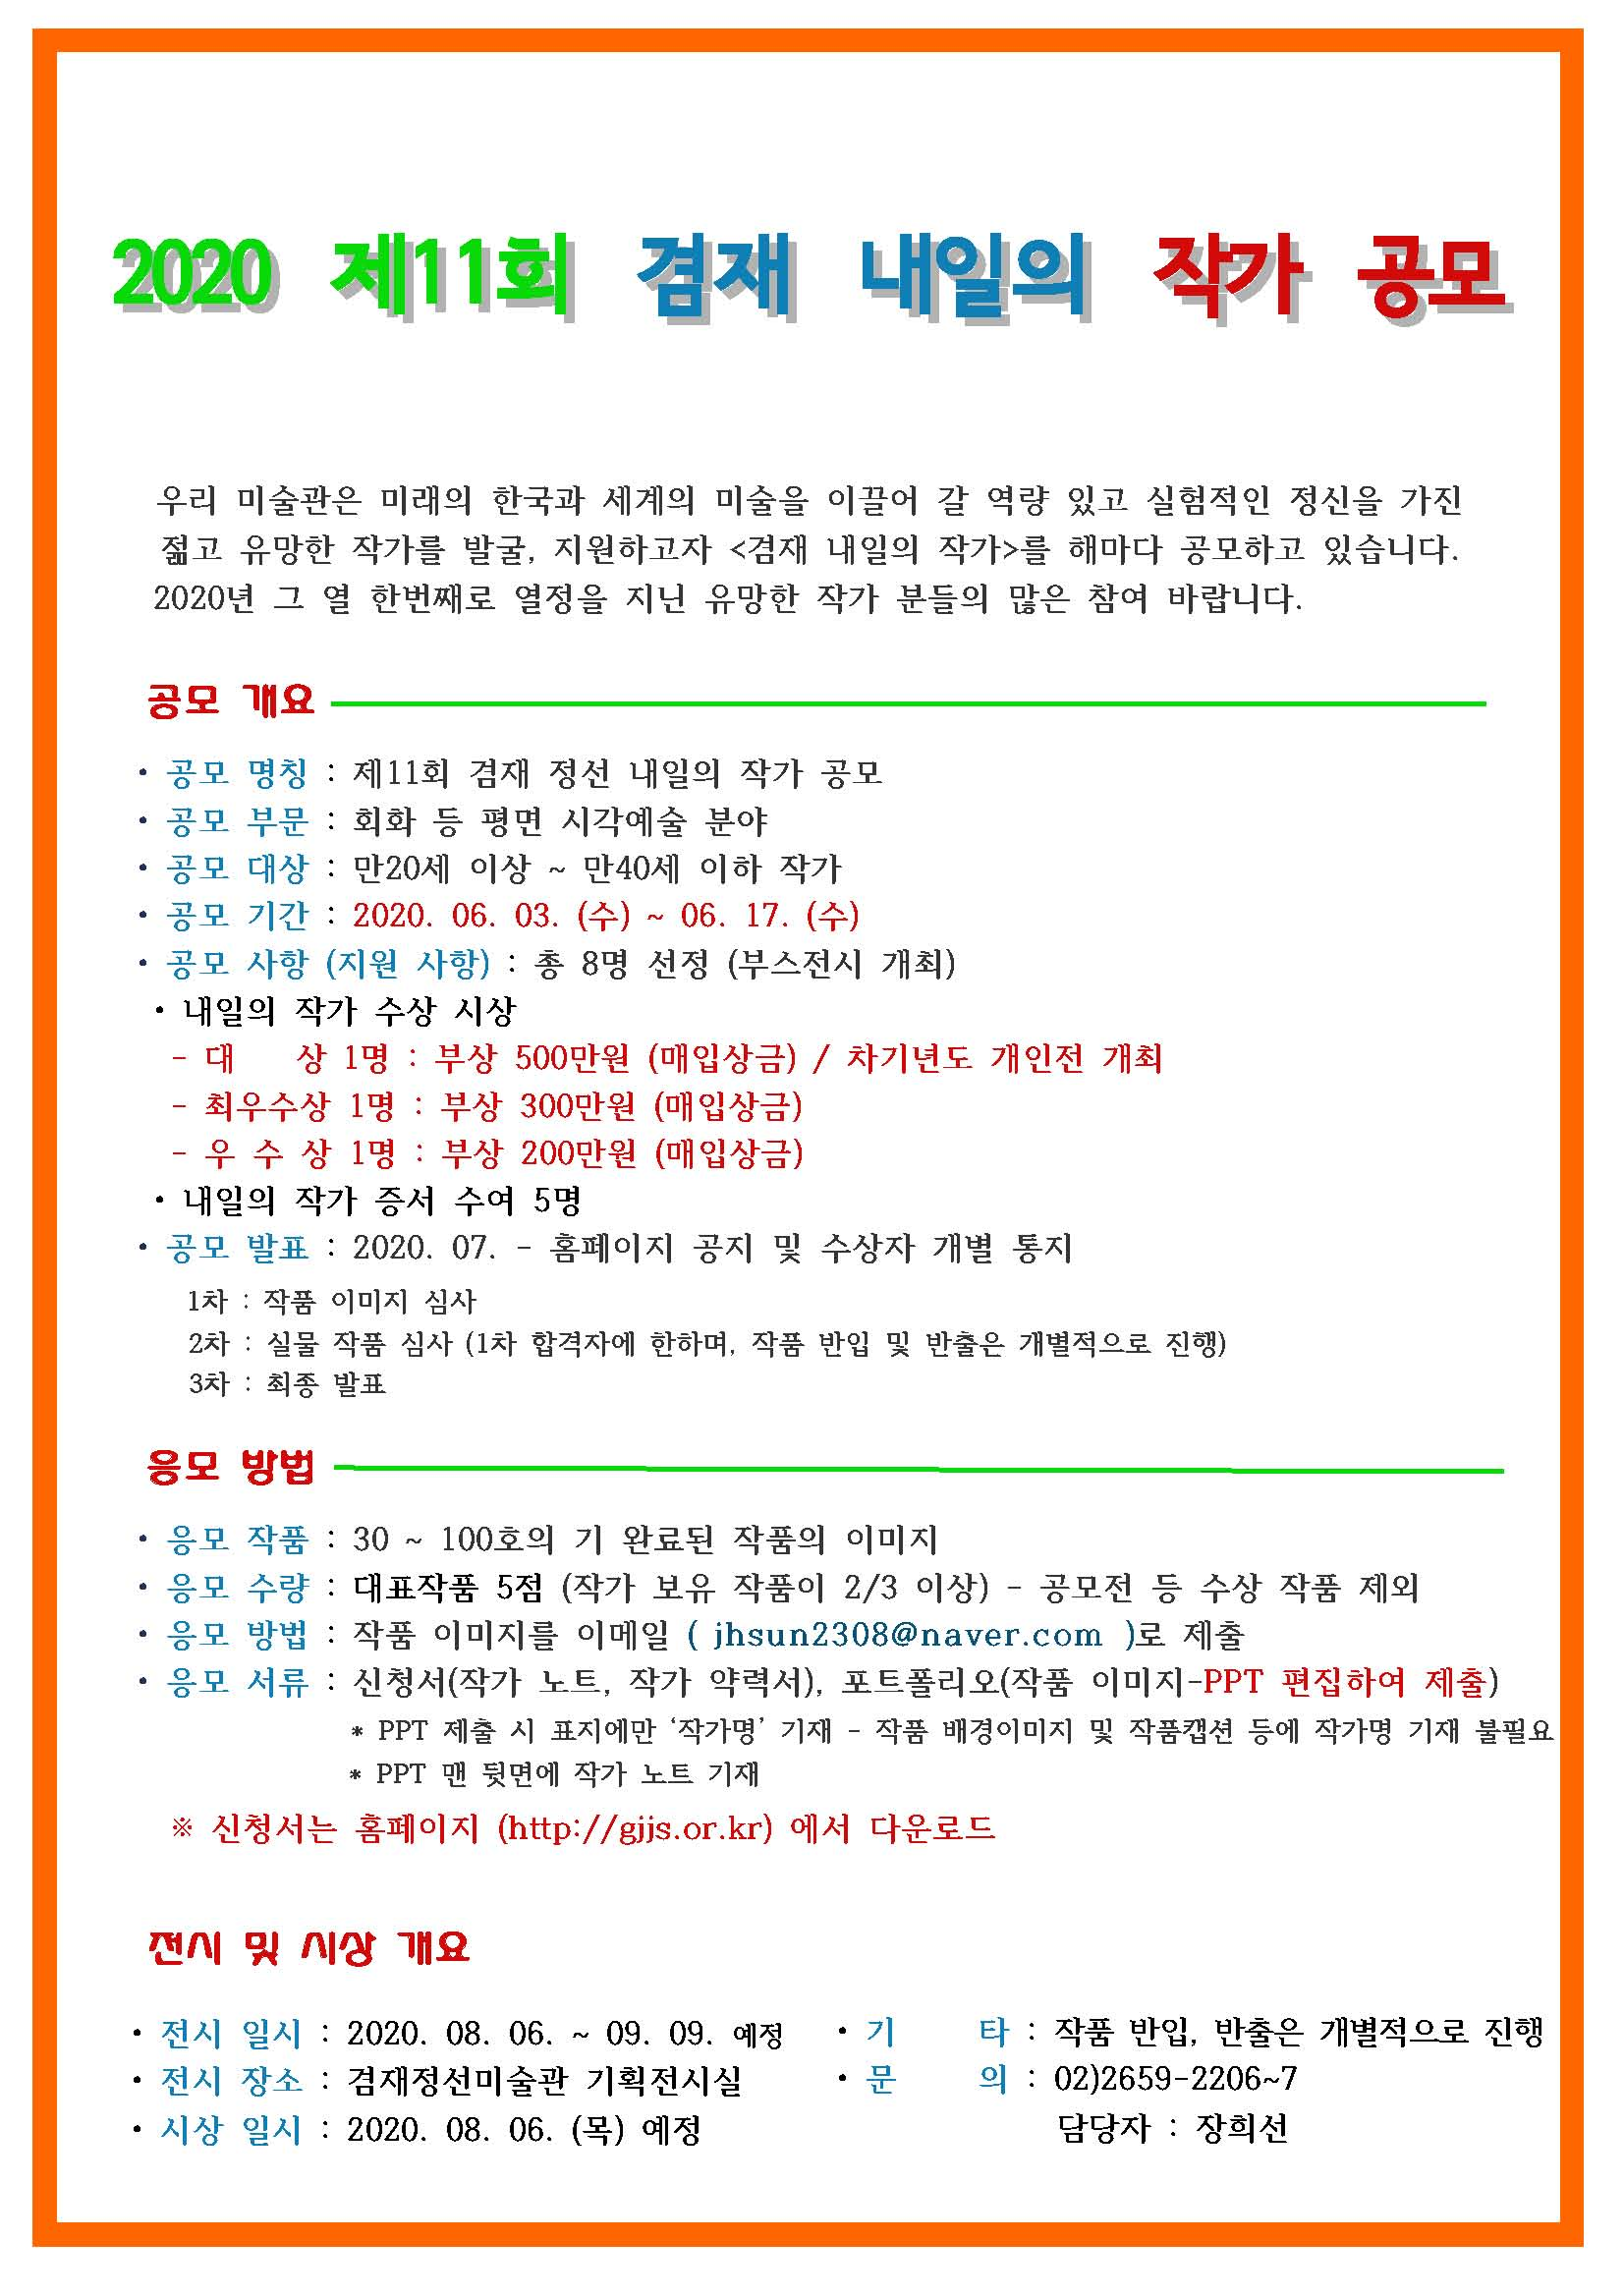 [공모] 2020 제11회 겸재 내일의 작가 공모 안내 (공모기간 : 202..